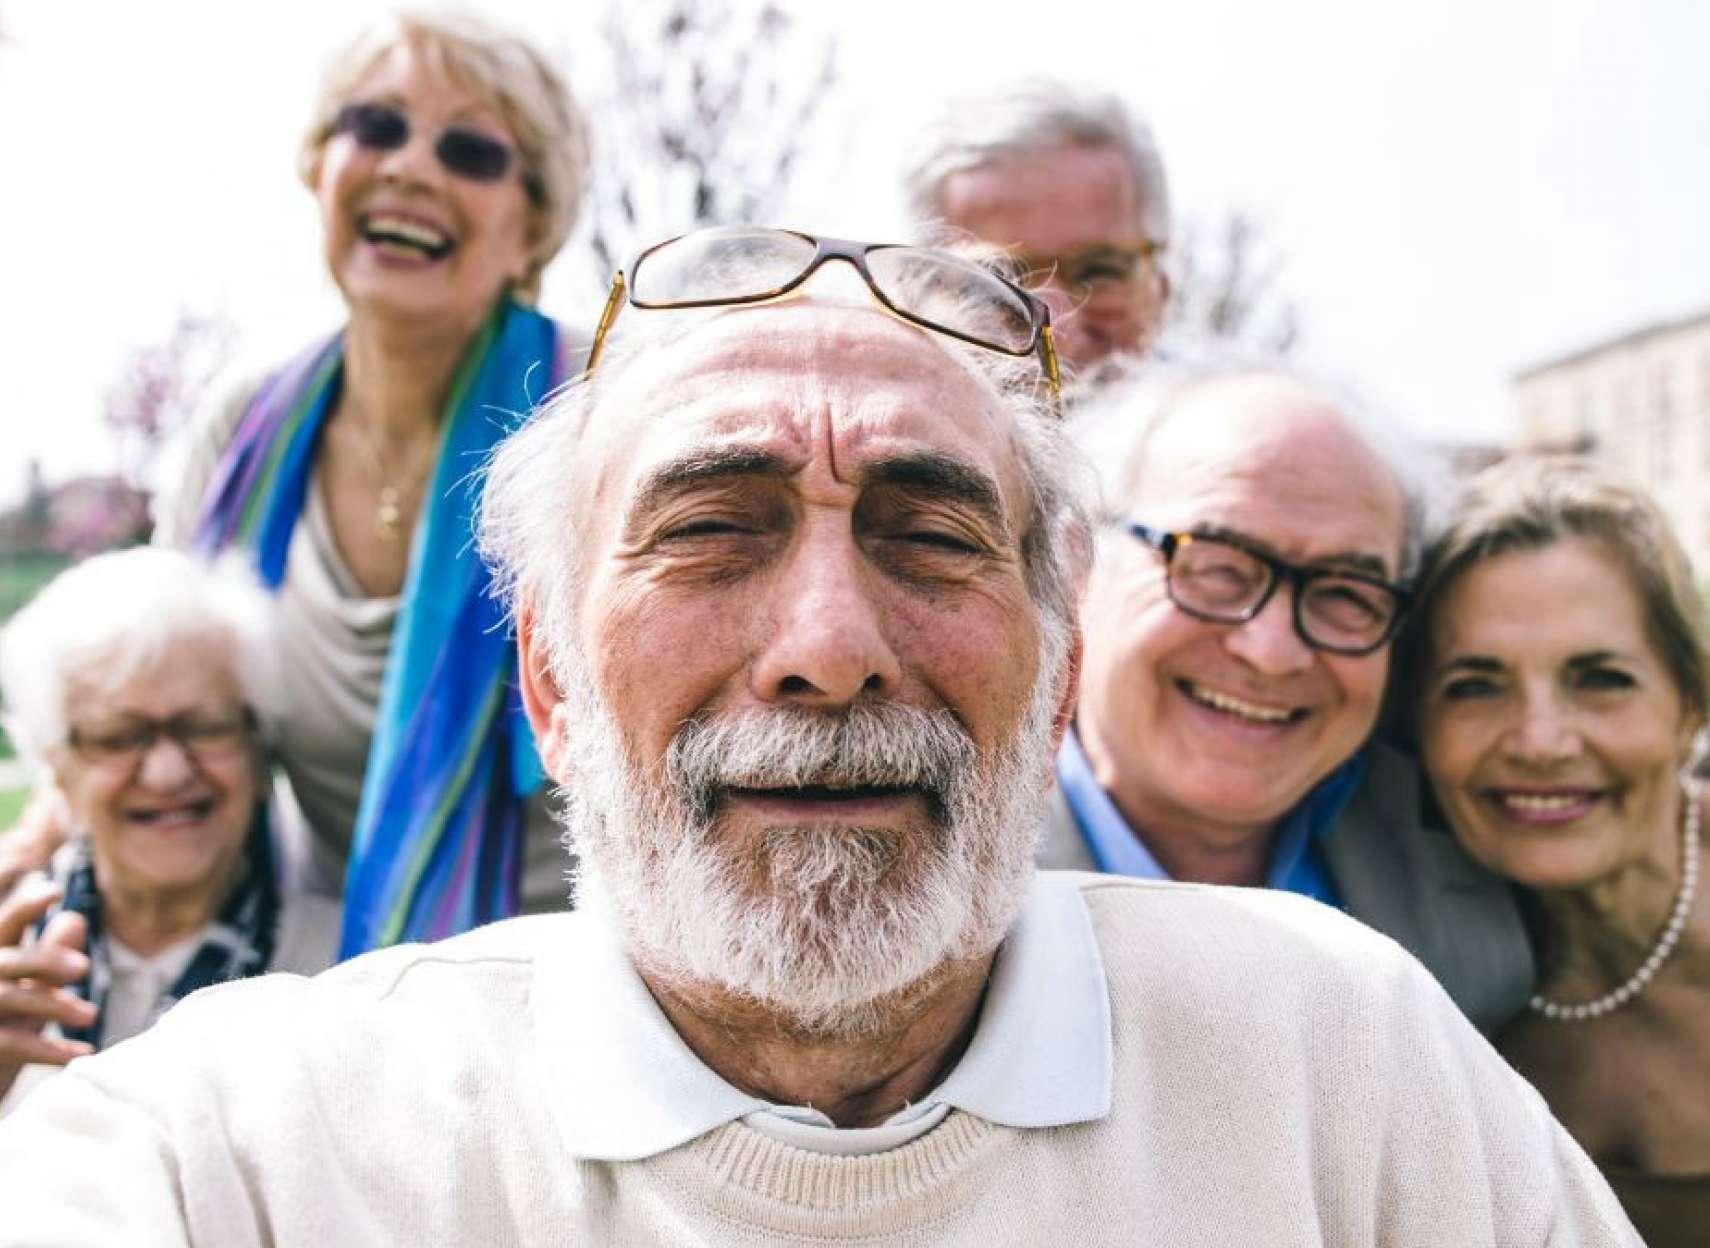 خبر-کانادا-حقوق-بازنشستگی-سالمندان-کانادا-بالا-می-رود